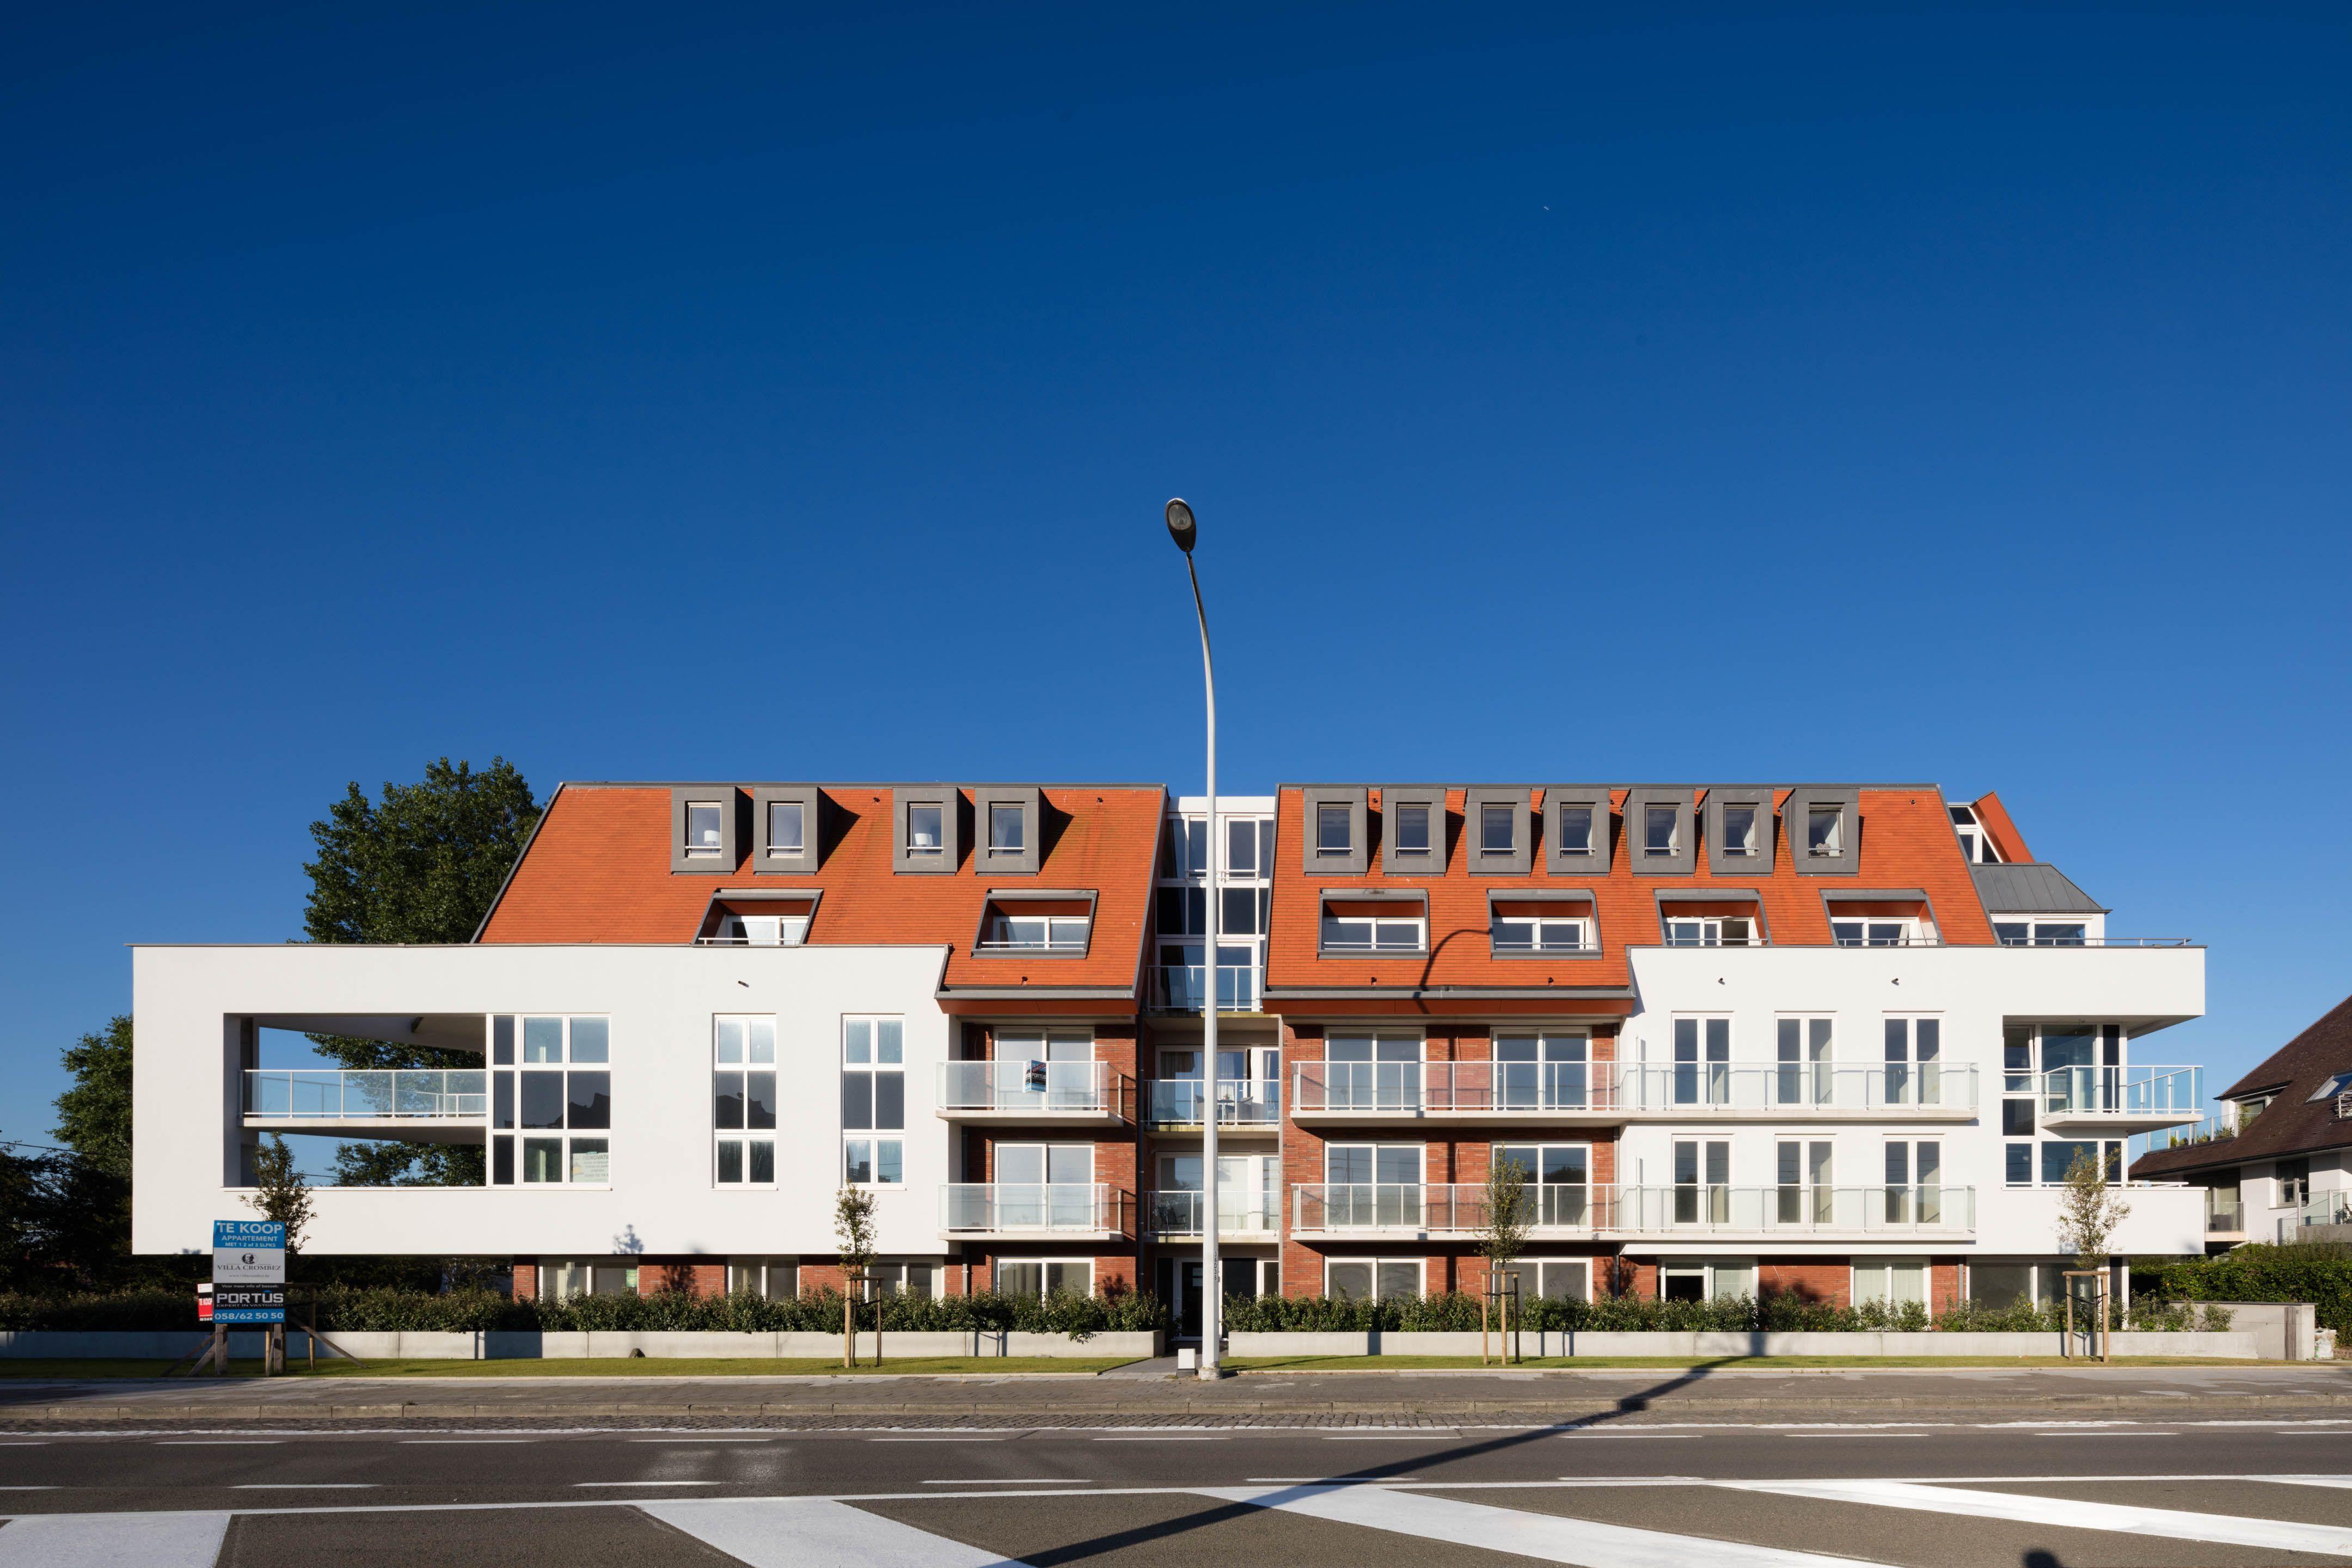 Appartement Residentie Villa Crombez Nieuwpoort - 9273